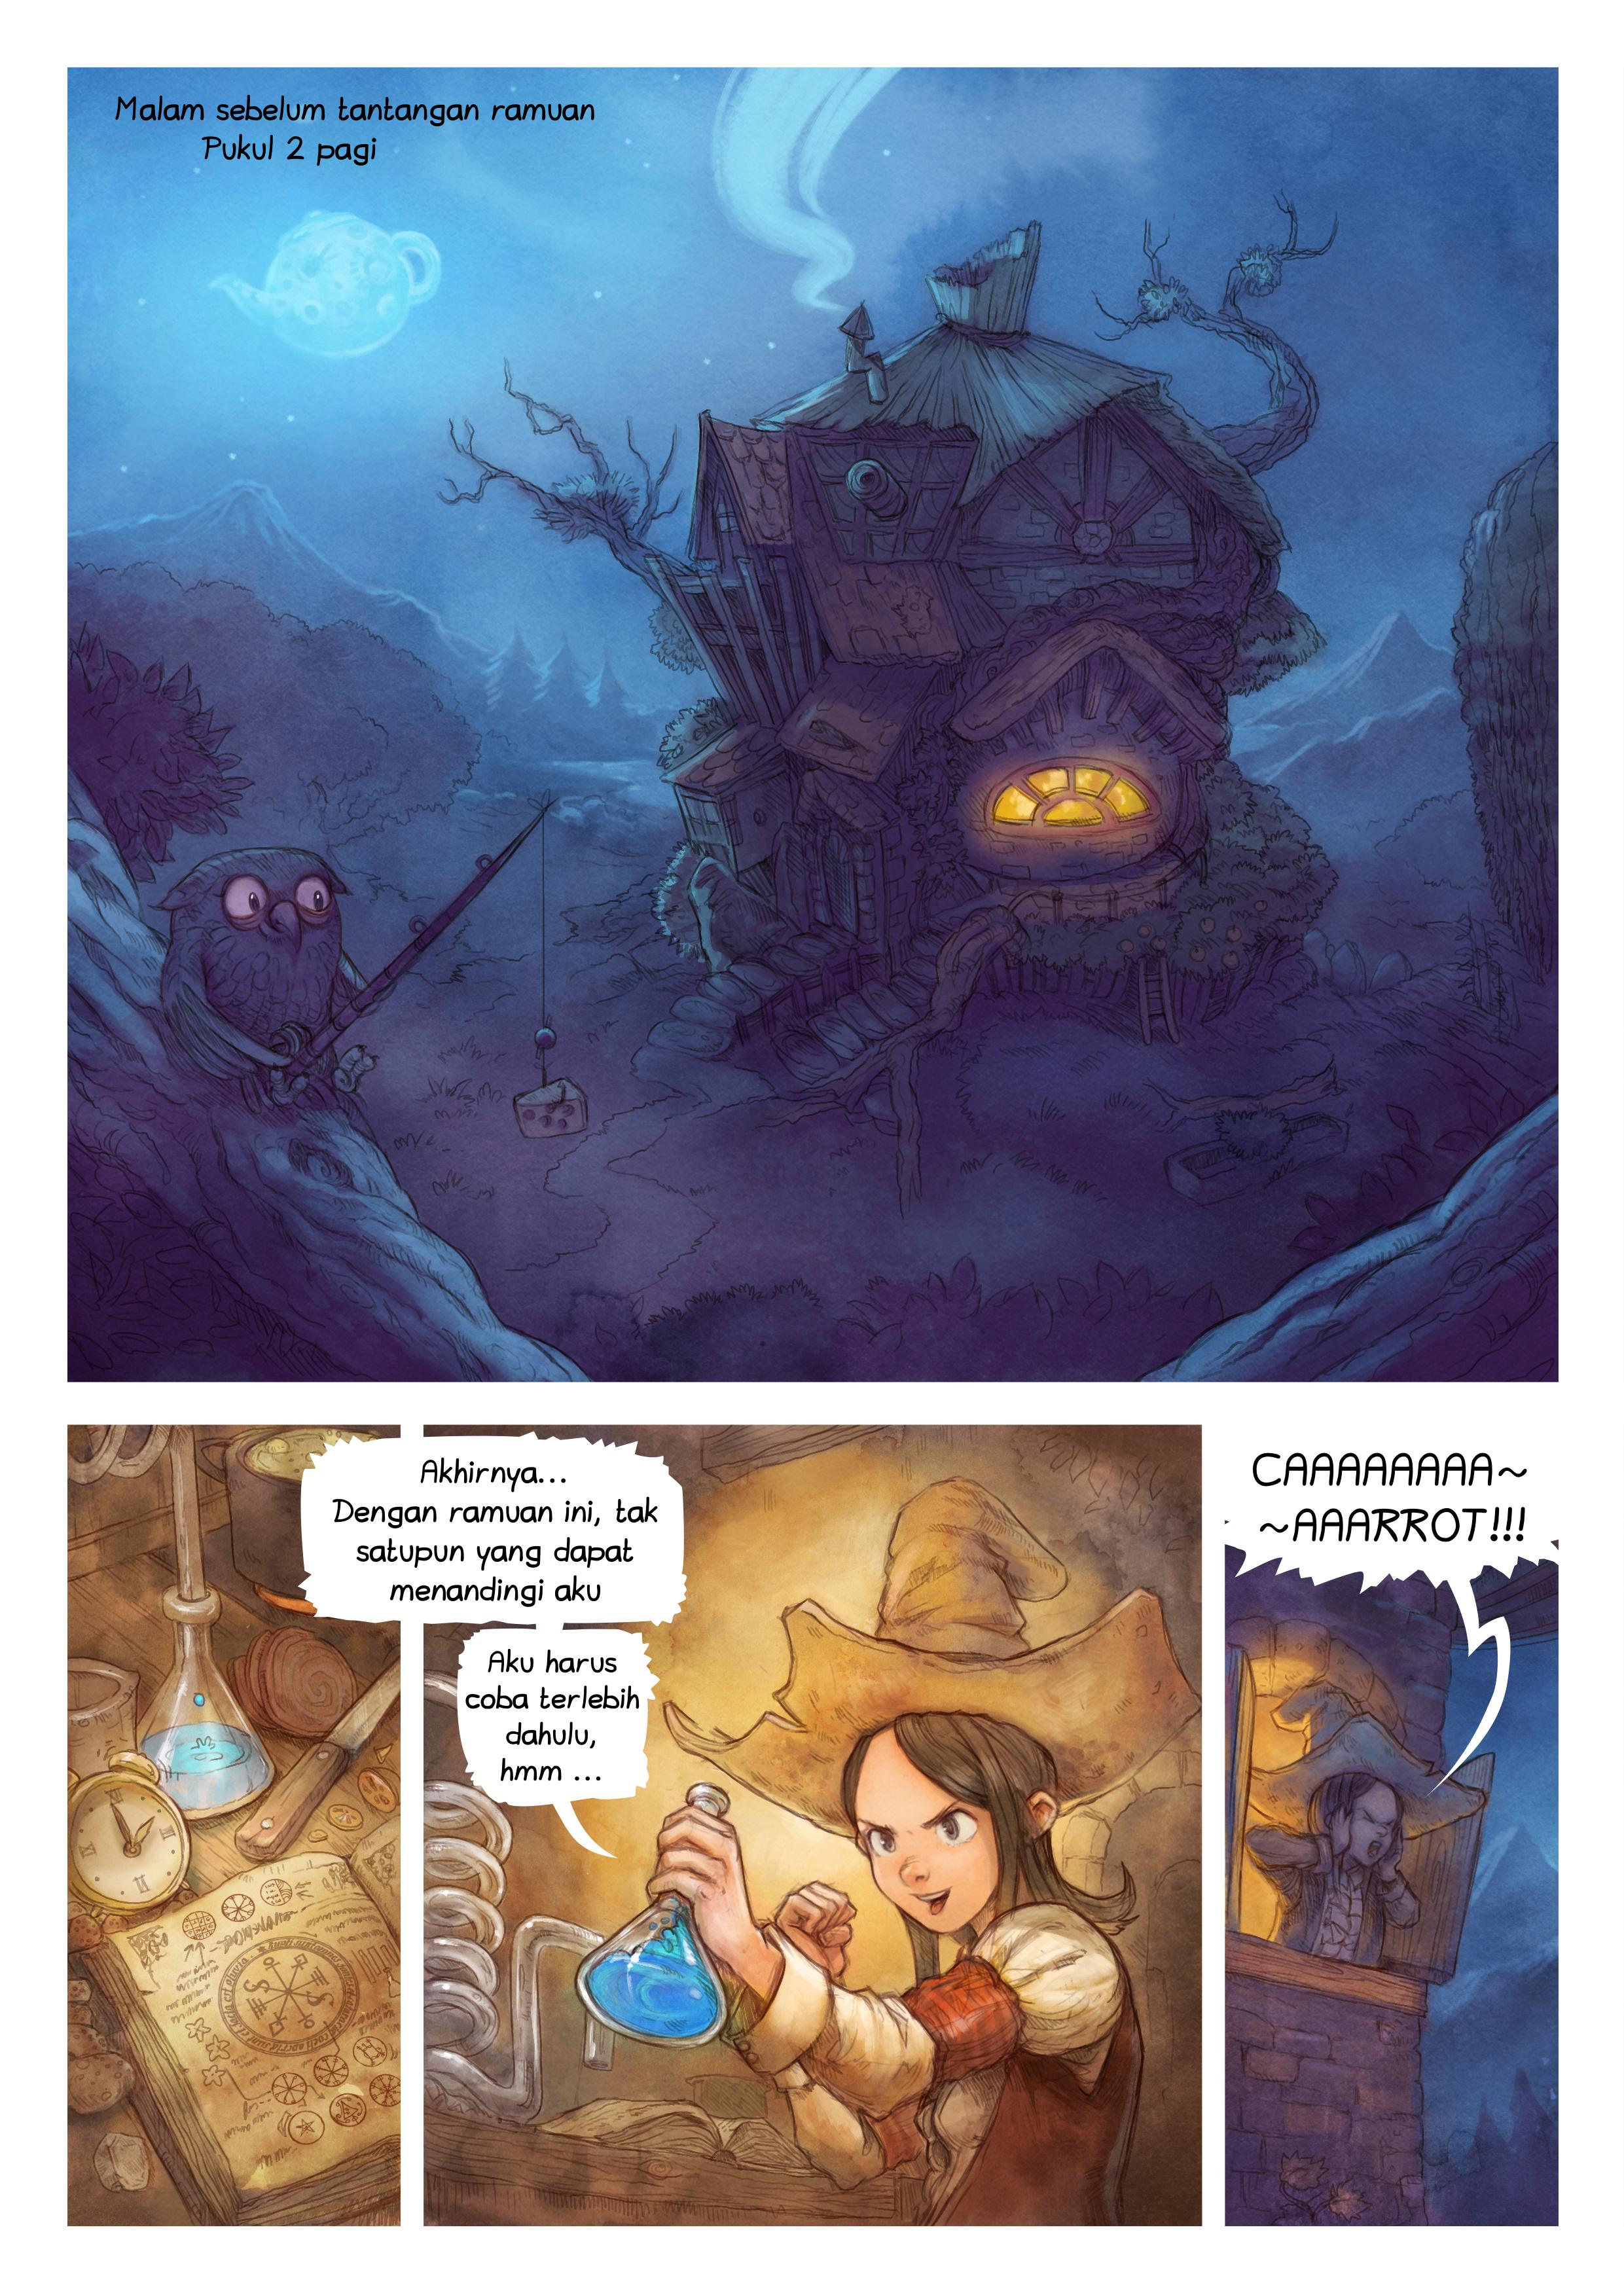 Episode 4: Ramuan kecerdasan, Page 1